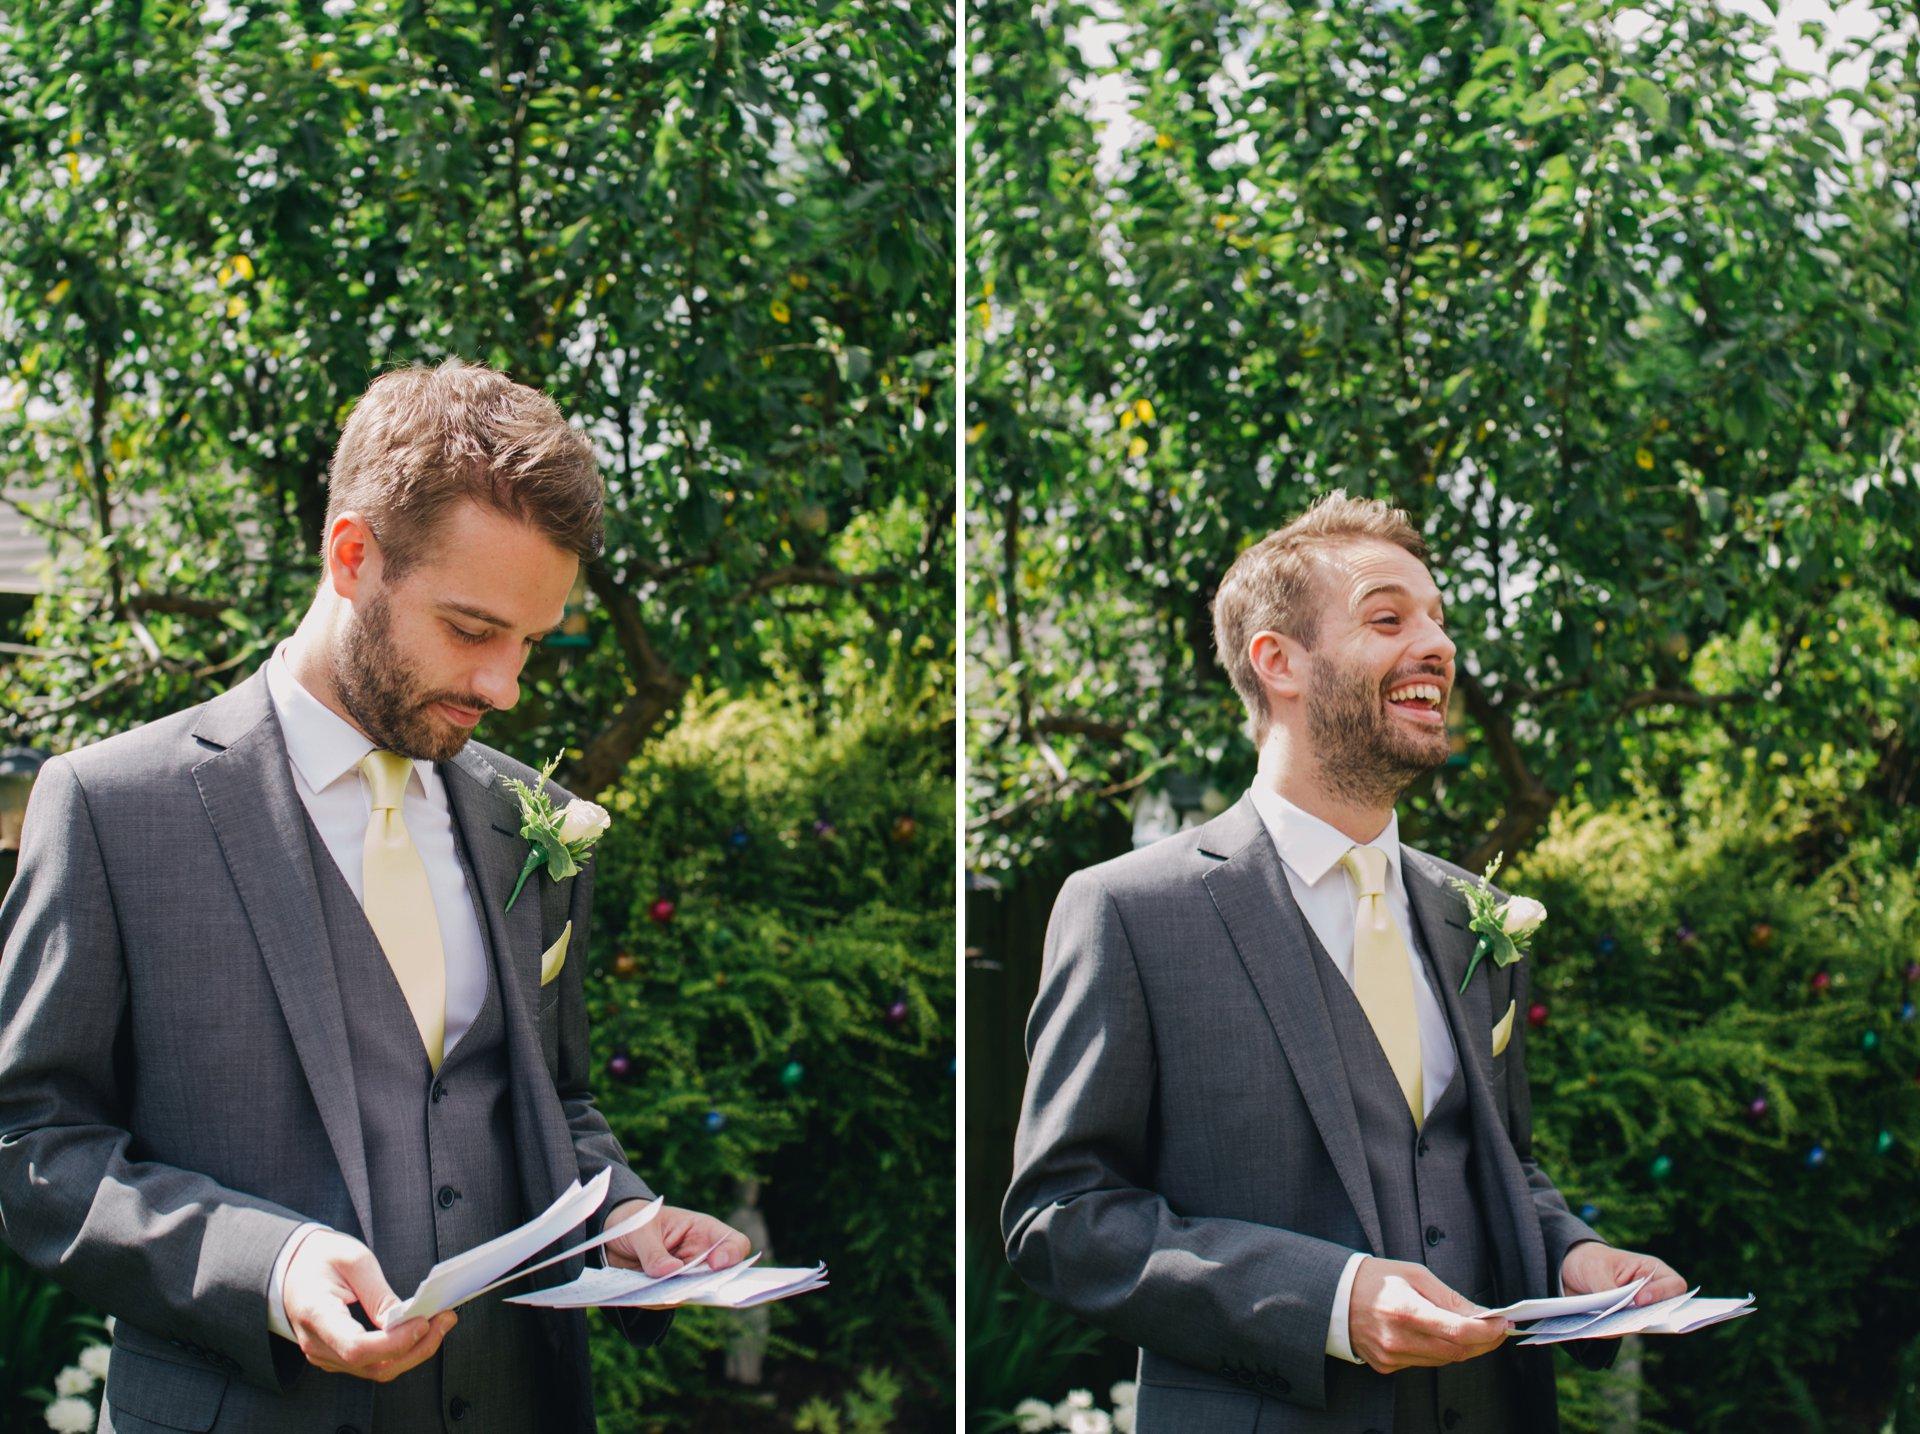 Cheshire Wedding Photographer Inglewood Manor Wedding Nikki & Mike_0006